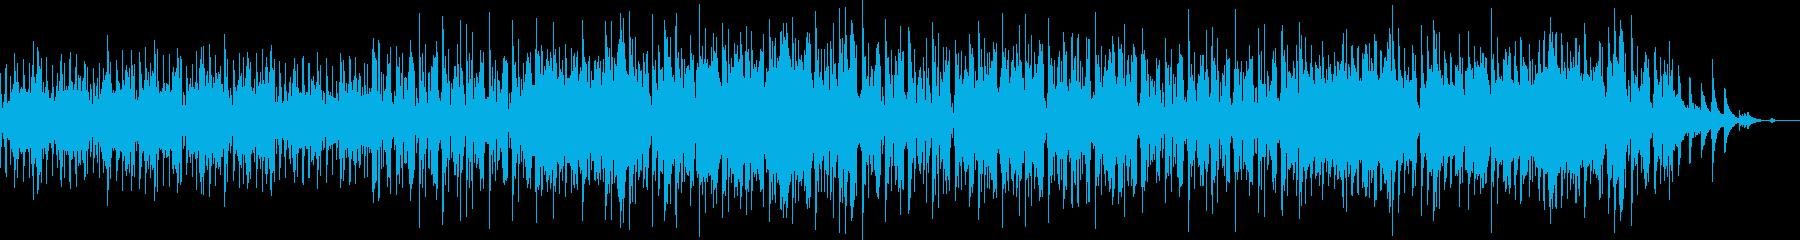 オシャレなbeatが心地いい壮大な曲の再生済みの波形